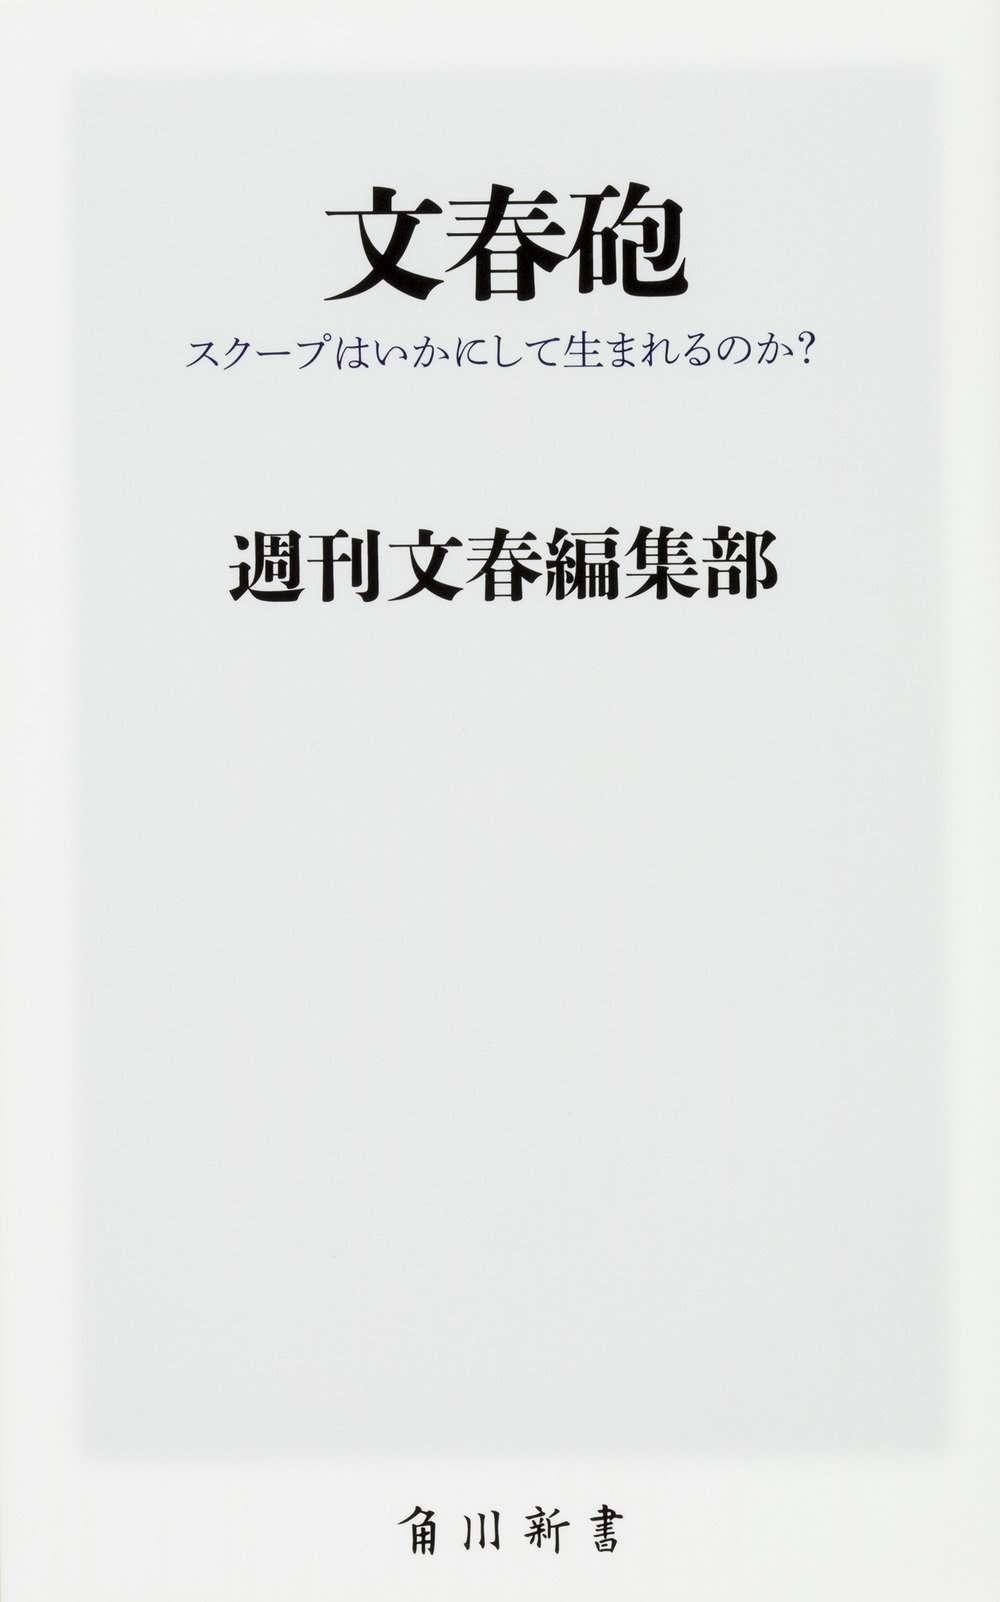 雑誌ジャーナリズム大賞「ベッキー禁断愛」はいかにして生まれたのか? #1 (文春オンライン) - Yahoo!ニュース